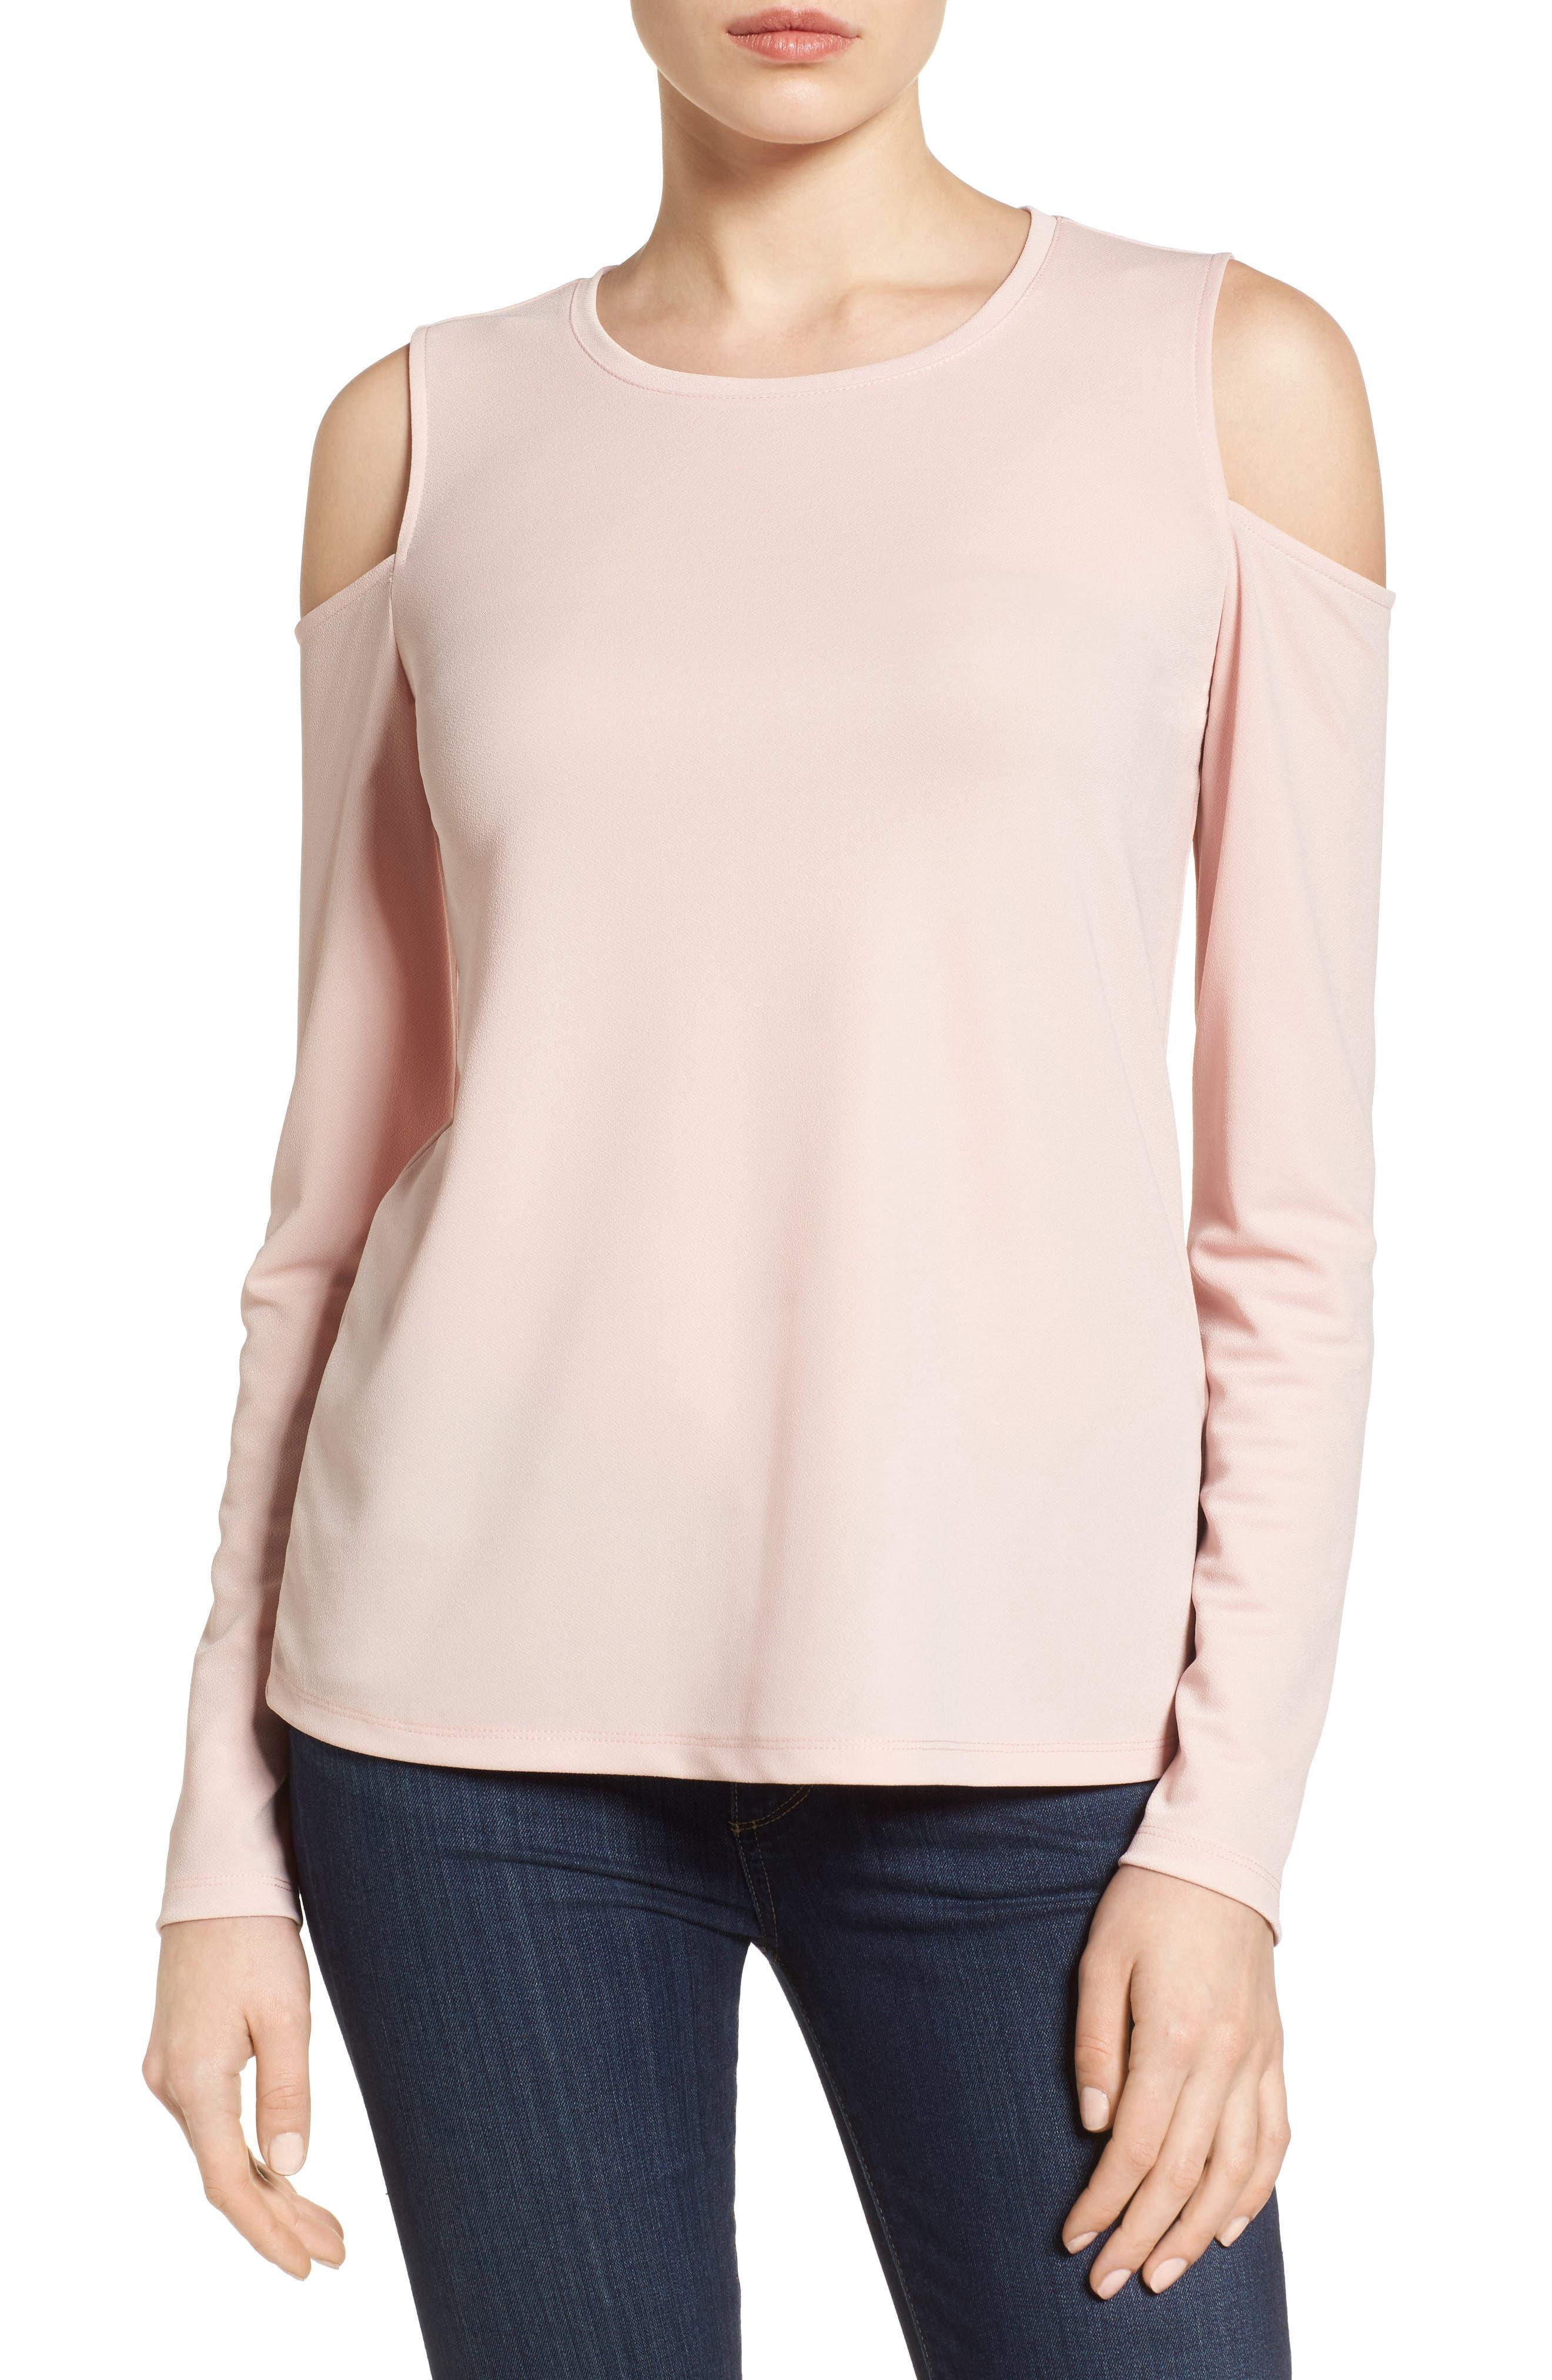 Alternate Image 1 Selected - Halogen® Stretch Knit Cold Shoulder Top (Regular & Petite)